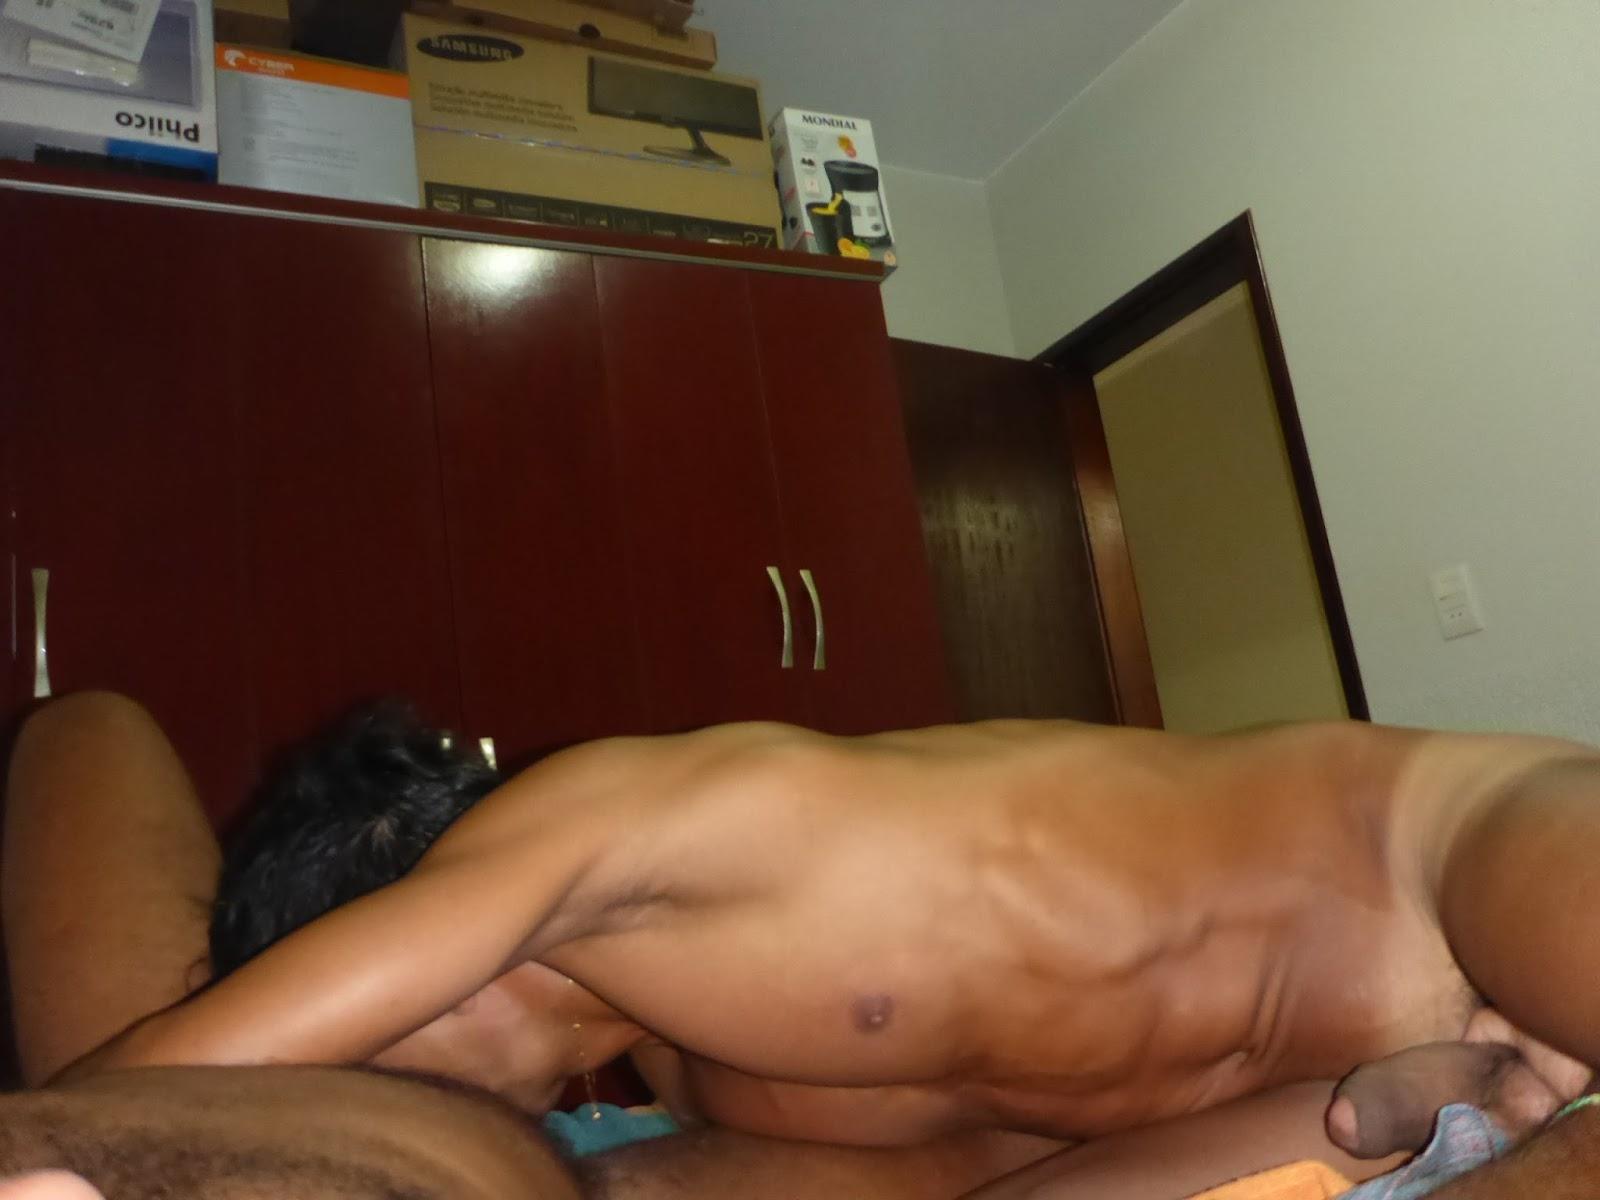 Sexo caliente indio a 0